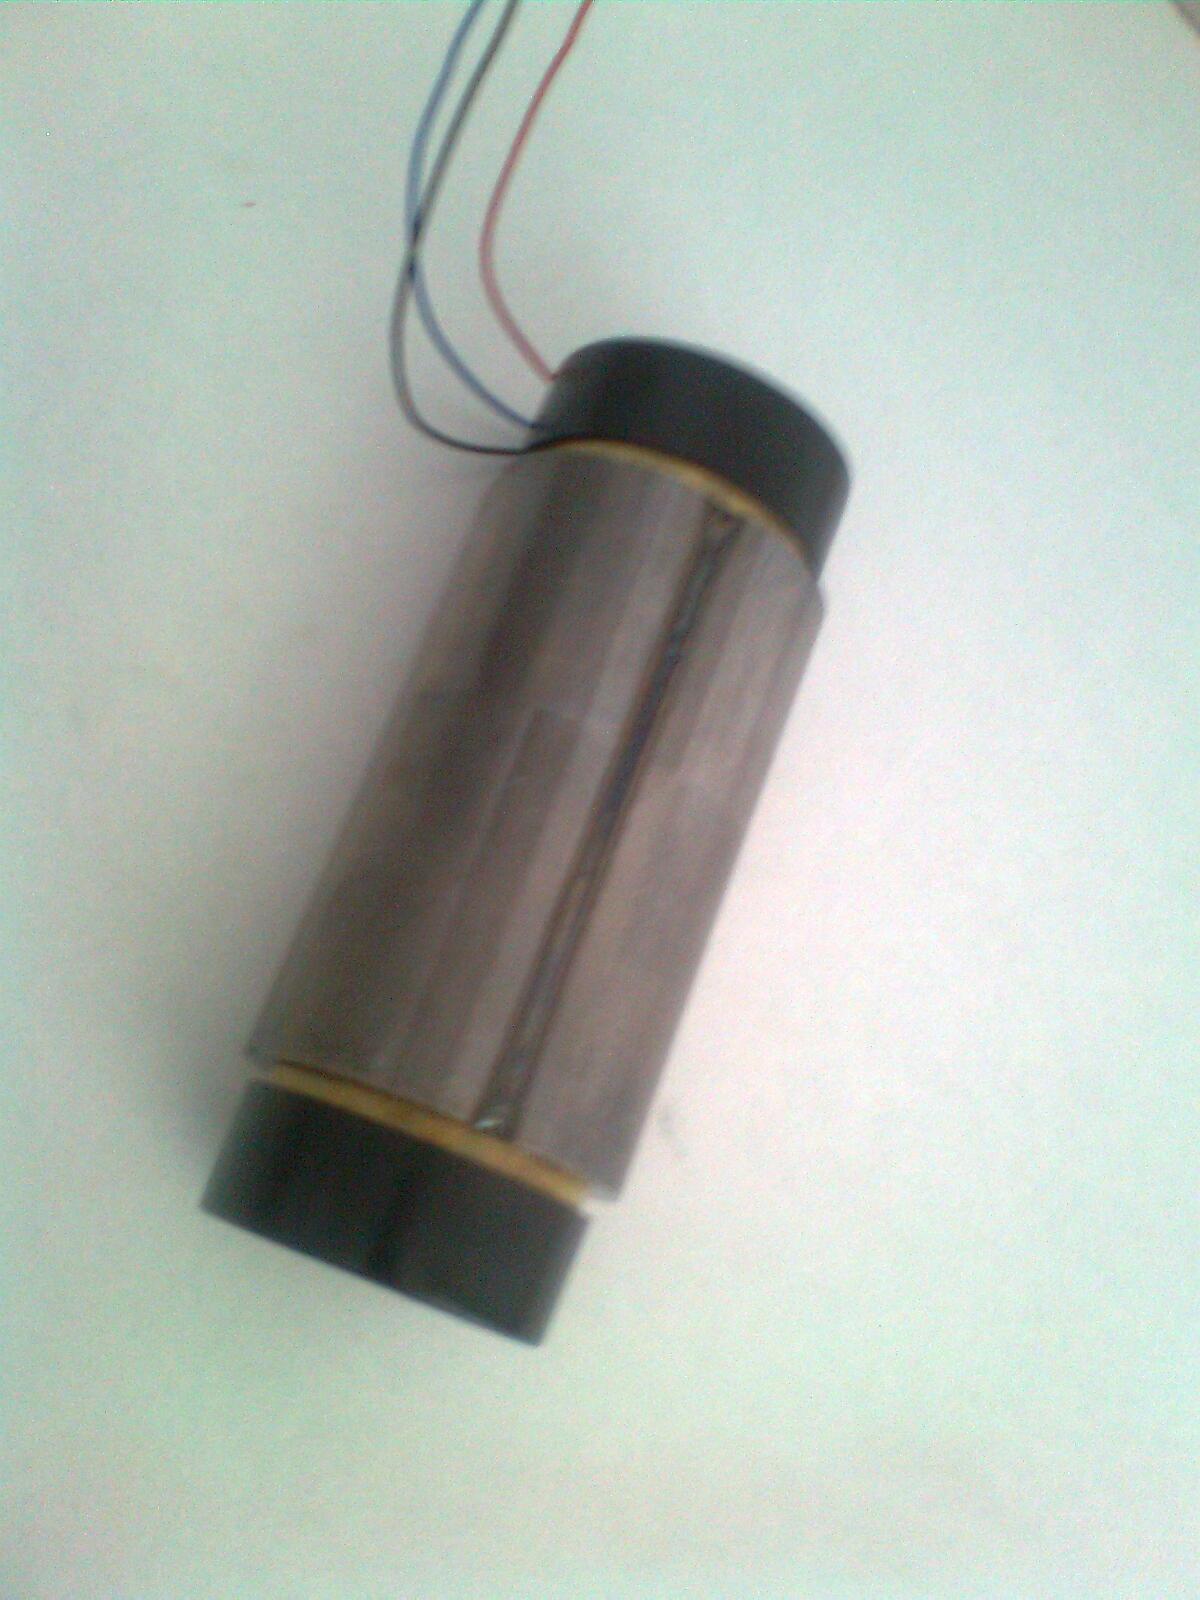 Schema Elettrico Bft Oro : Bft cavo per motori oleodinamici rad oro lux sub bft cavo per